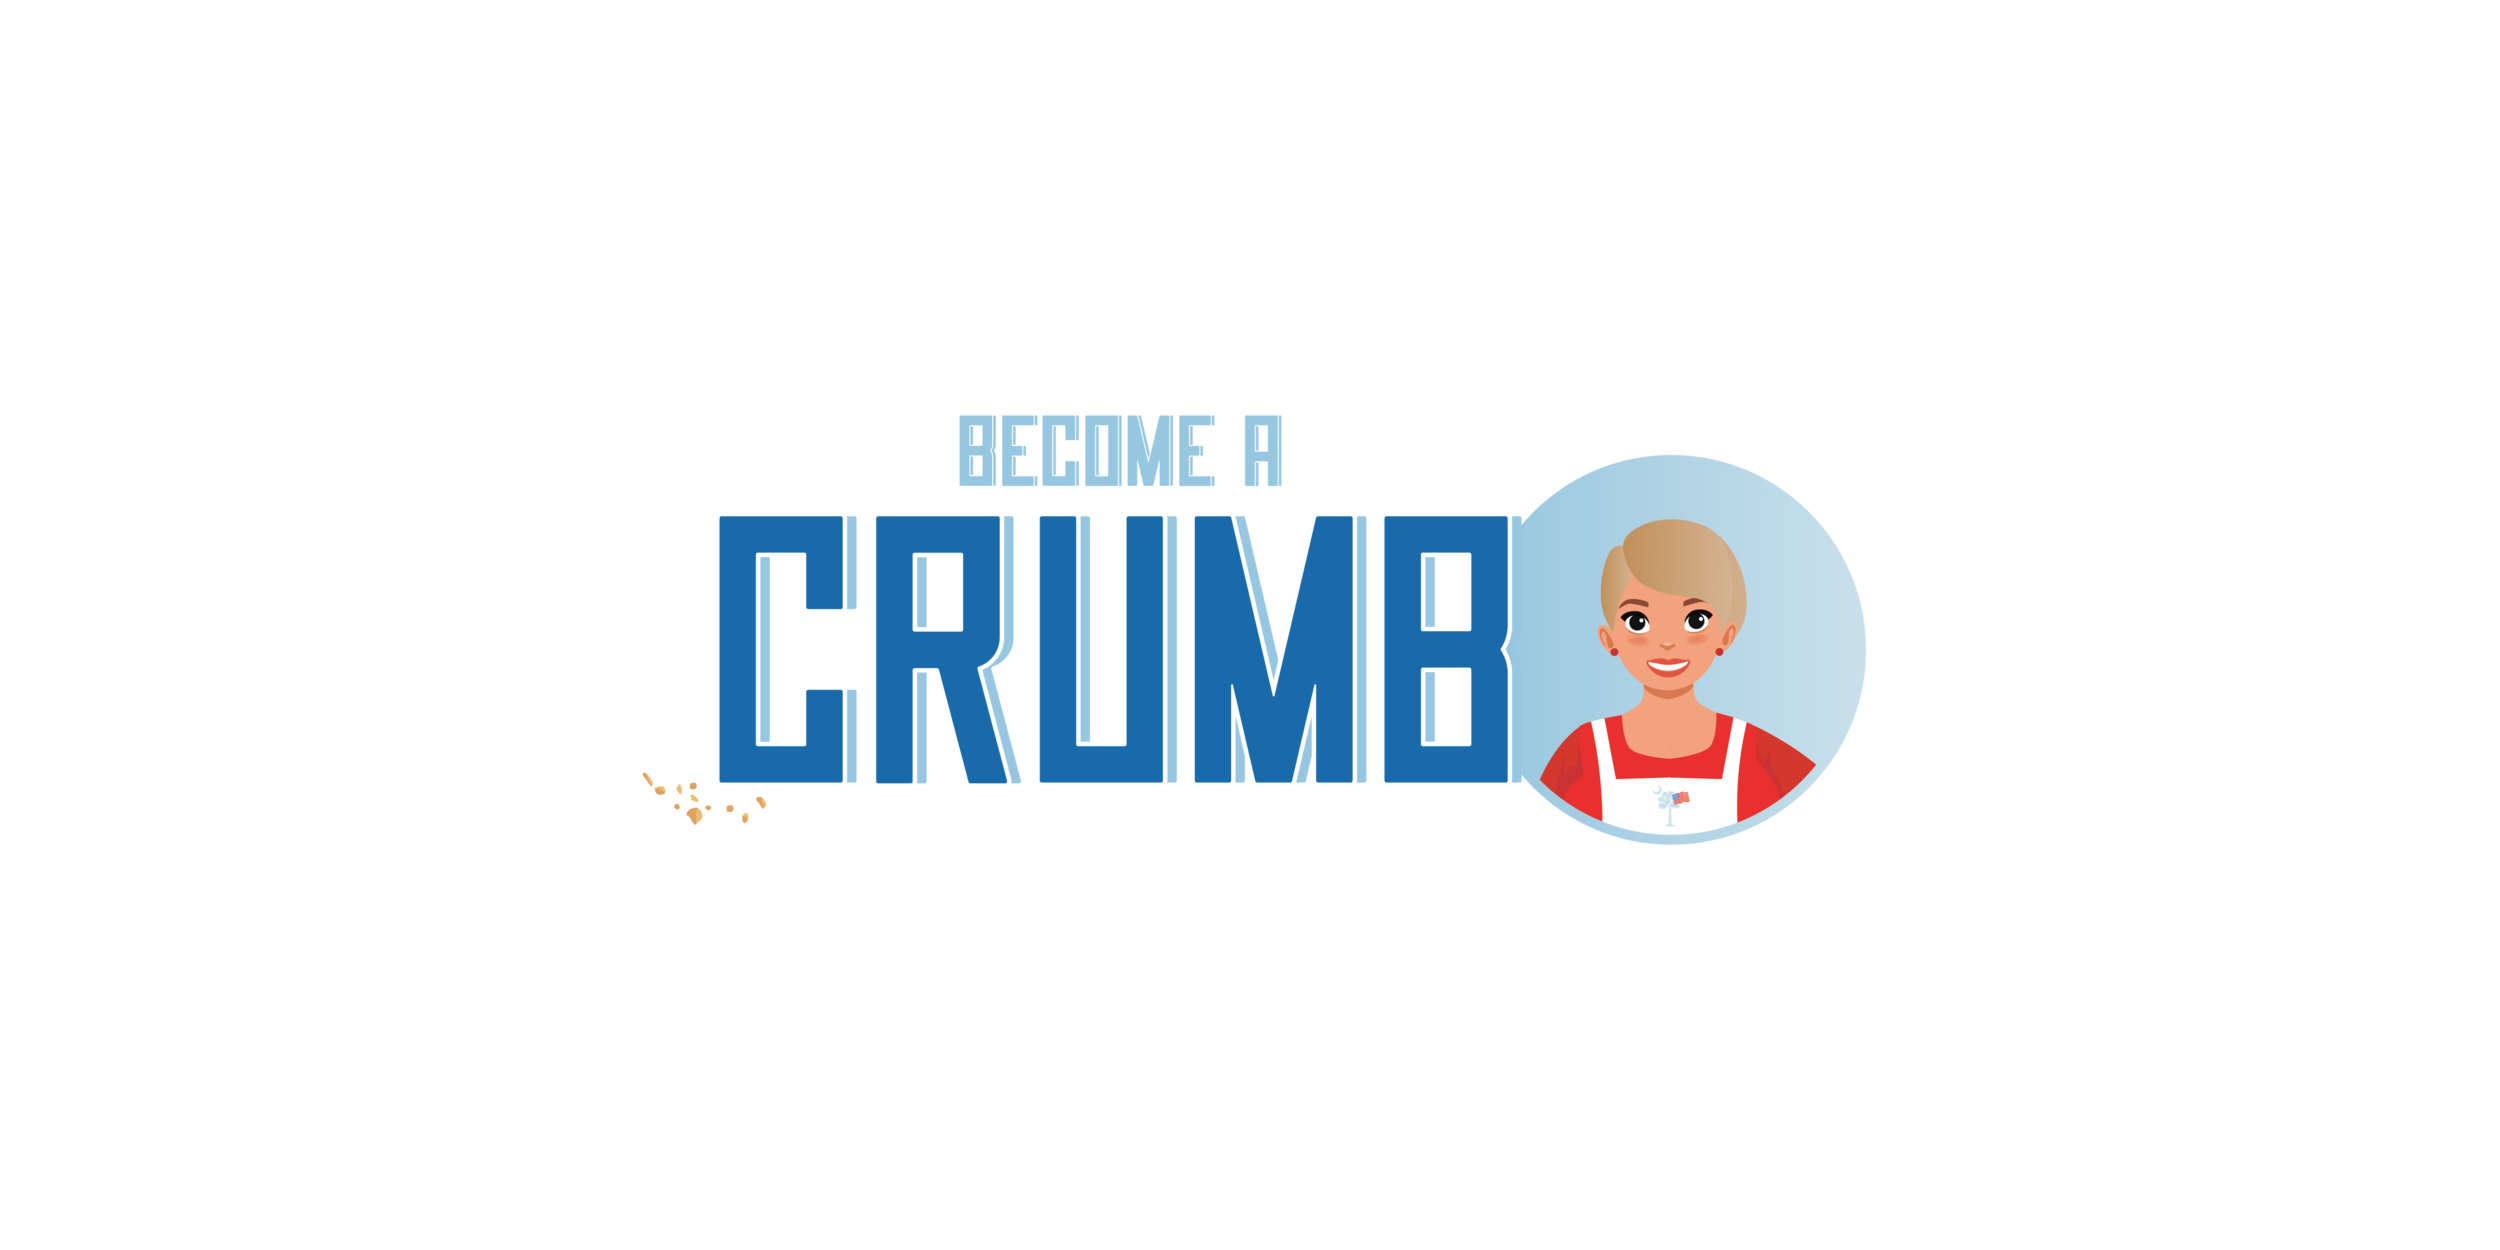 Crumb-01-01.png